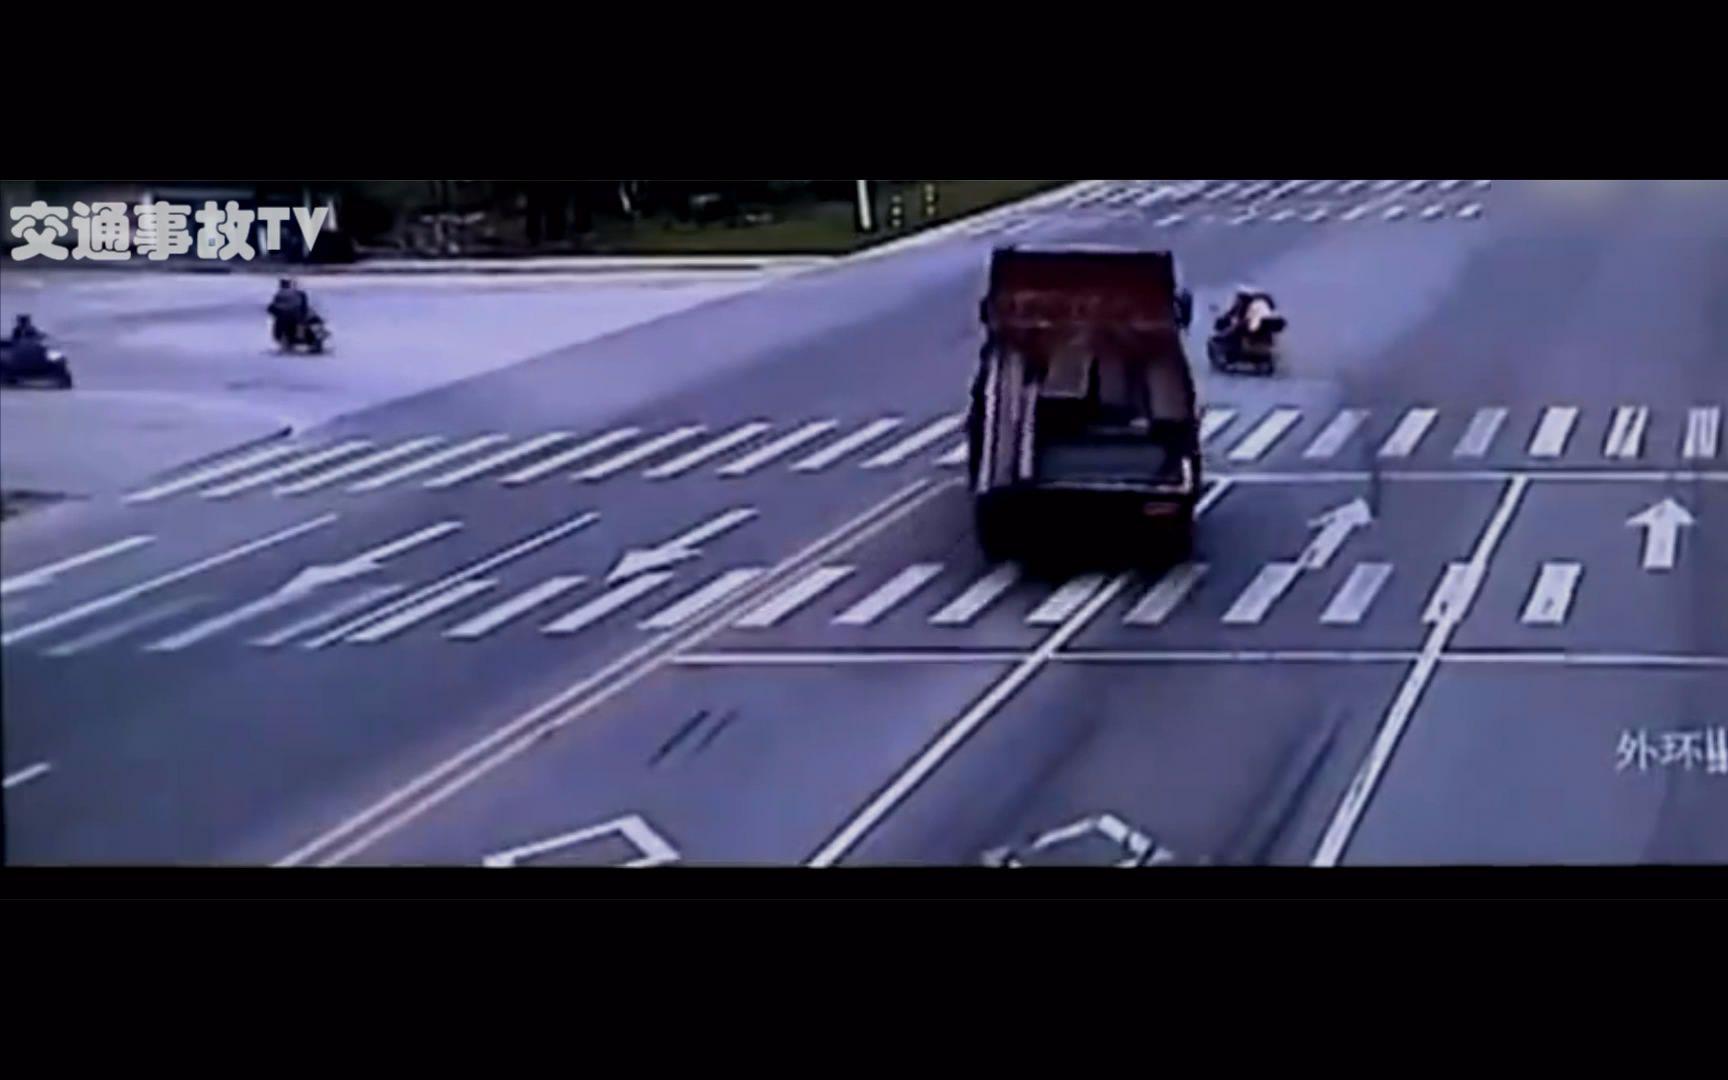 「なぜこんなに多いのか」中国で多発する交通事故の原因と対策 - ライブドアニュース